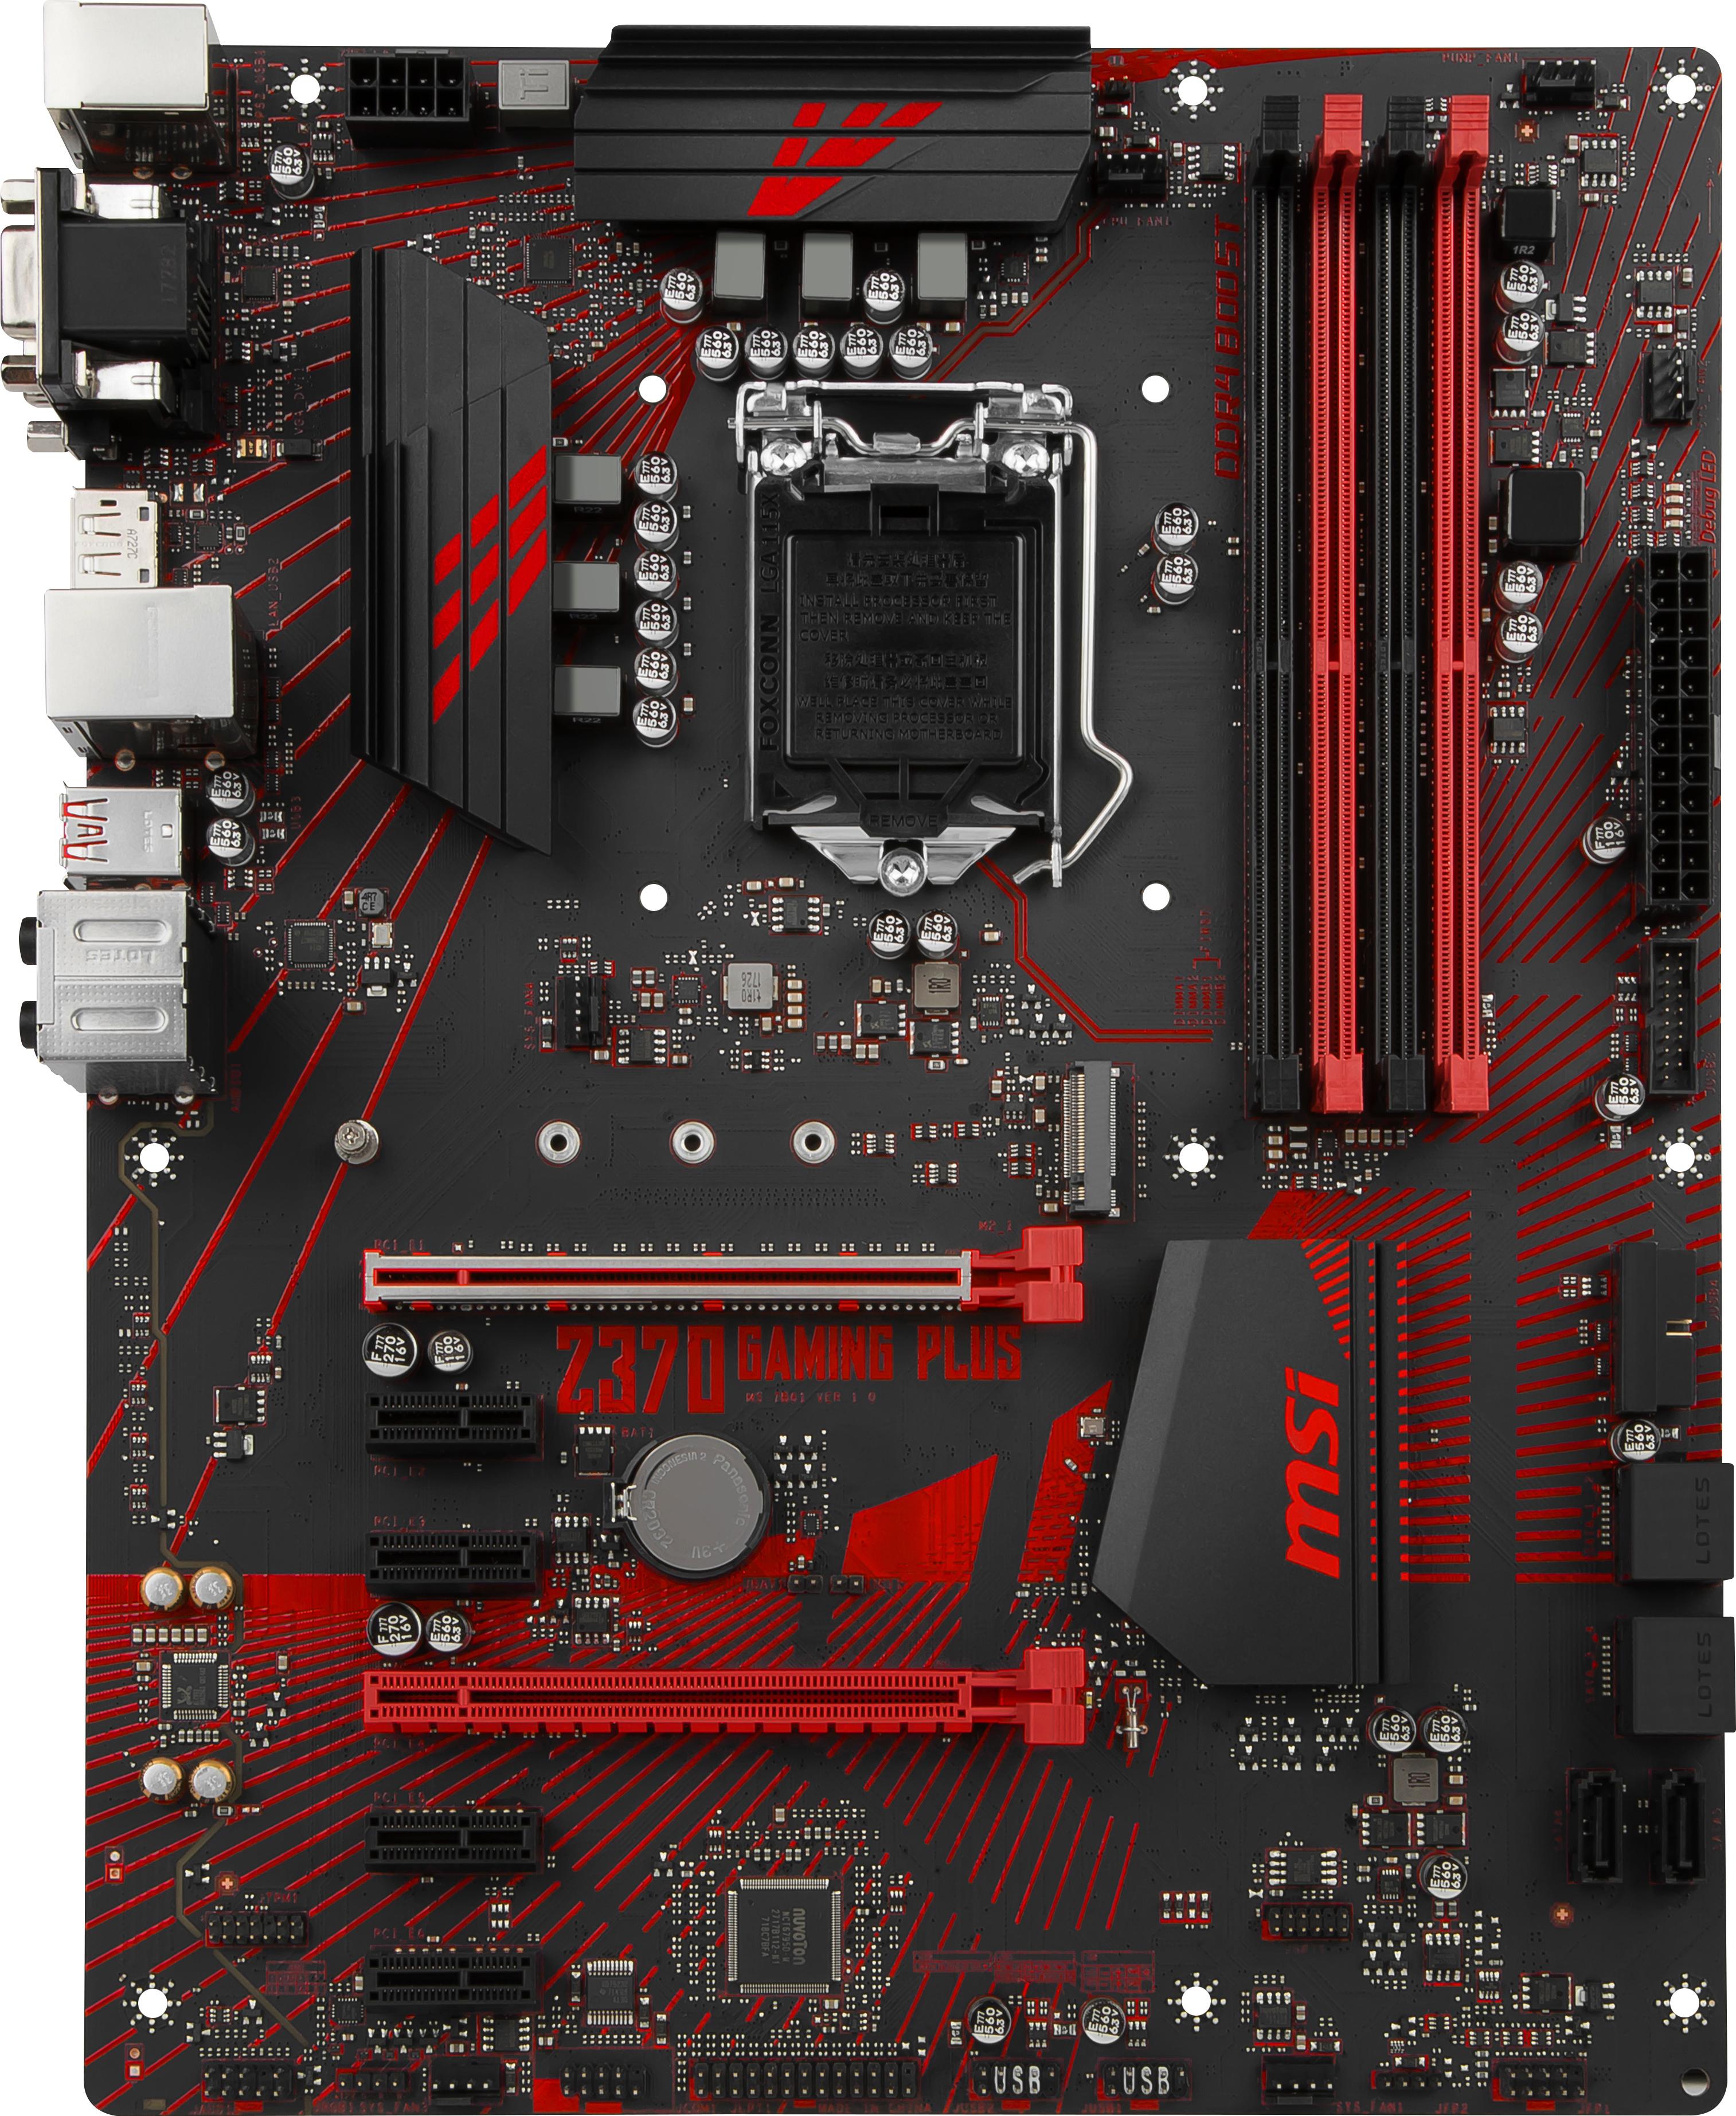 Arvostelut: MSI Z370 GAMING PLUS Intel Z370 LGA1151 ATX-emolevy – Intel LGA1151 (ATX) – Emolevyt – Komponentit – Verkkokauppa.com